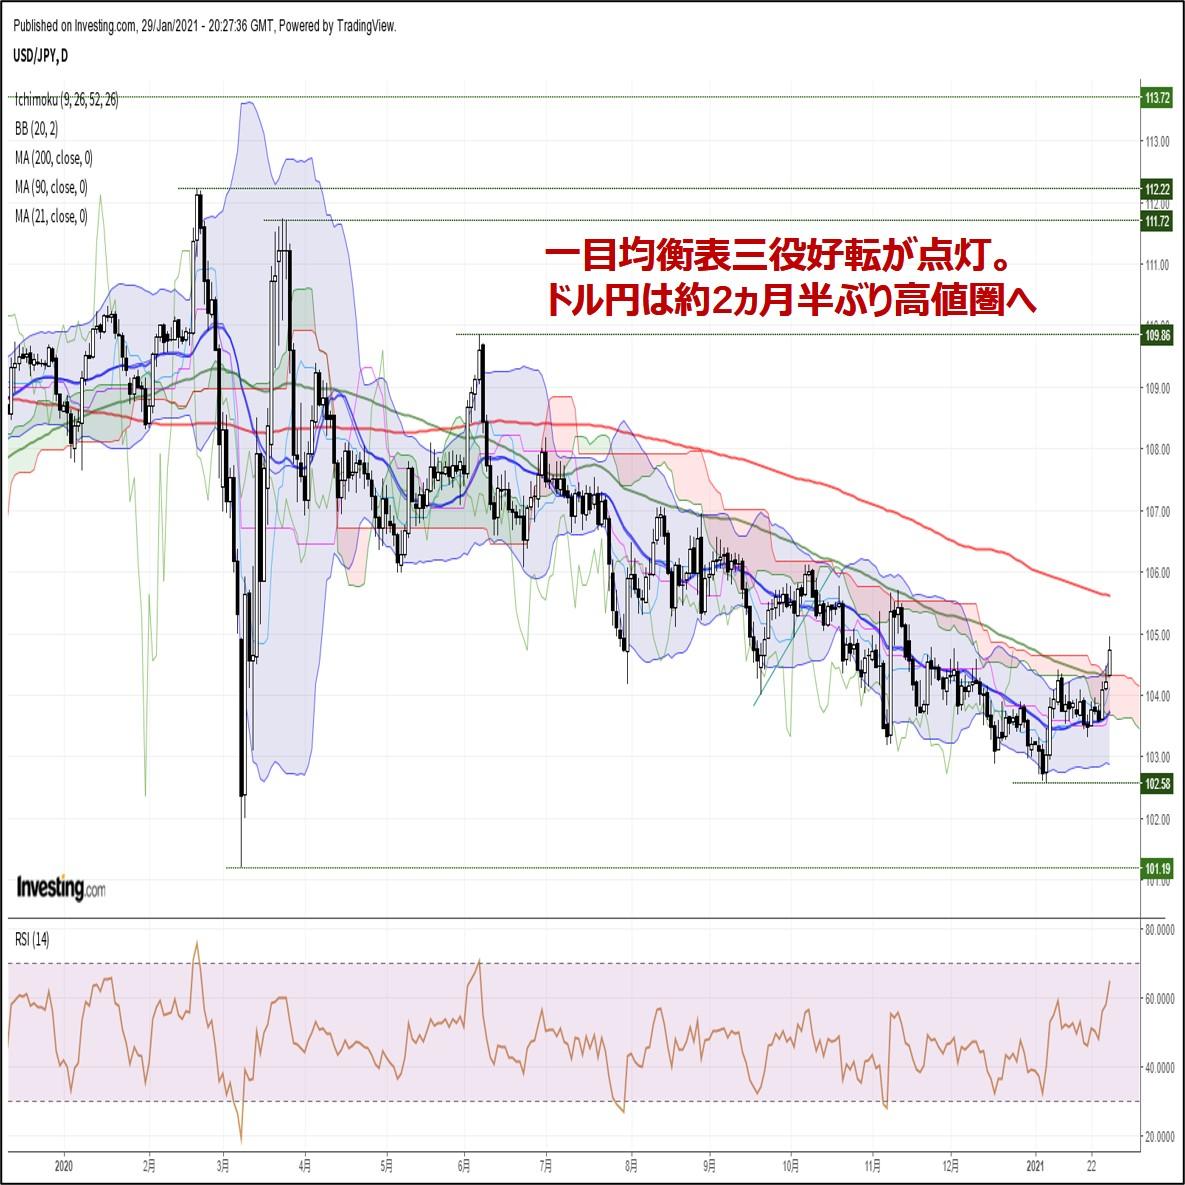 ドル 為替 レート 円